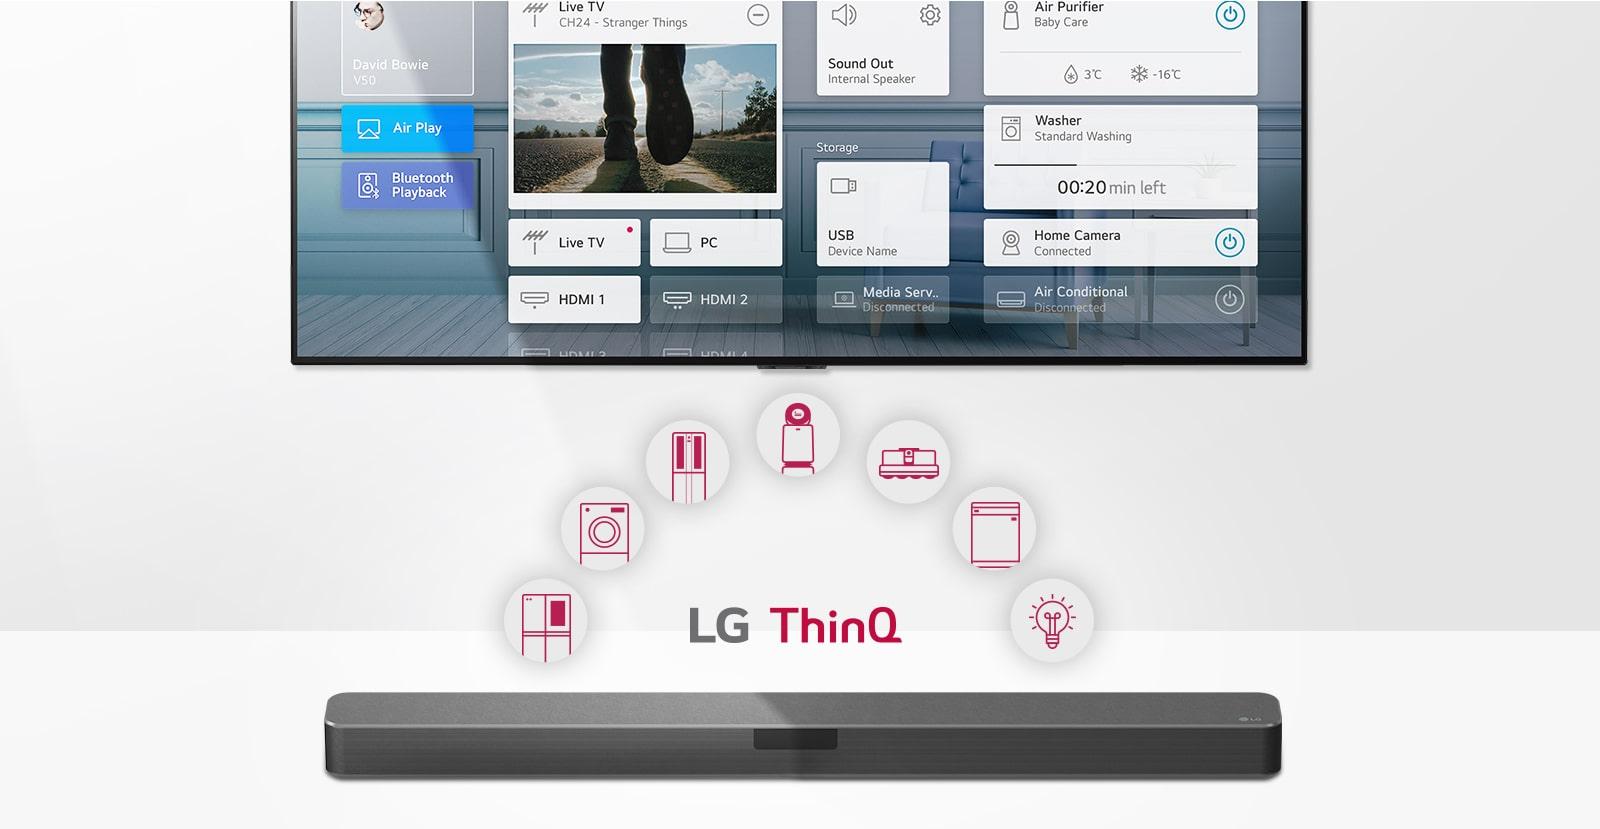 Зображення телевізора на стіні, саундбара LG під телевізором, логотипа LGThinQ та піктограм побутових приладів між телевізором і саундбаромLG.